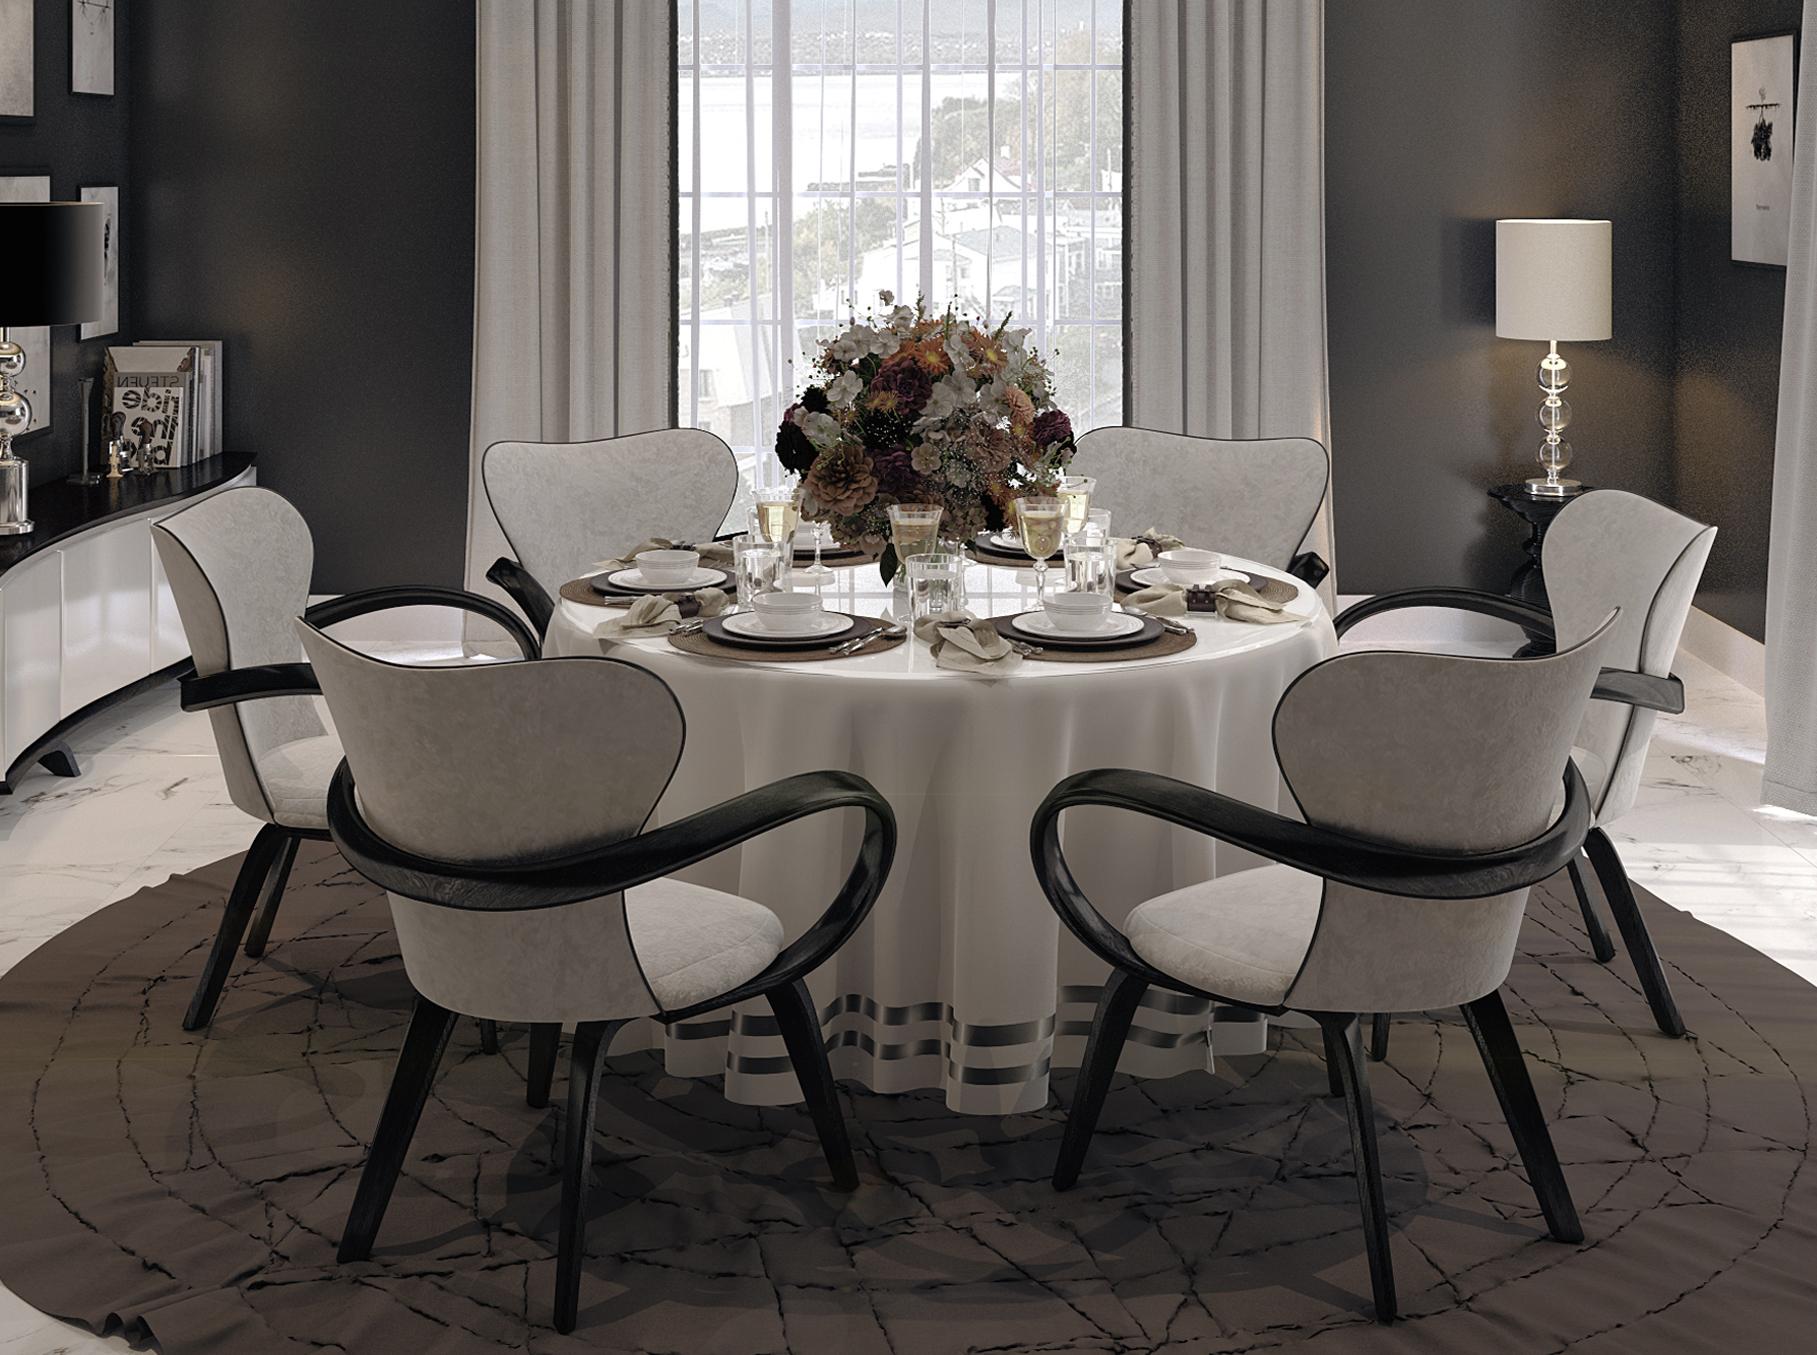 красивые столы и стулья фото организма кошки укус